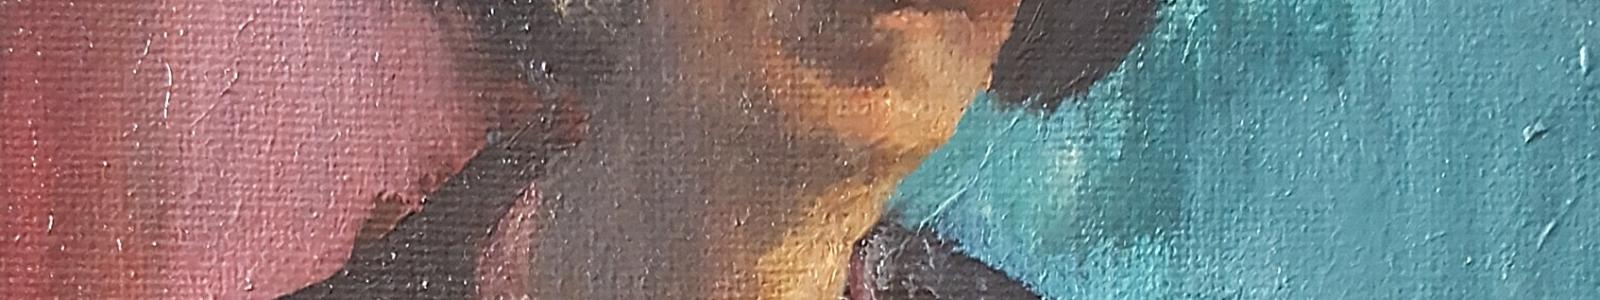 Gallery Painter Yurij Kavkazskij